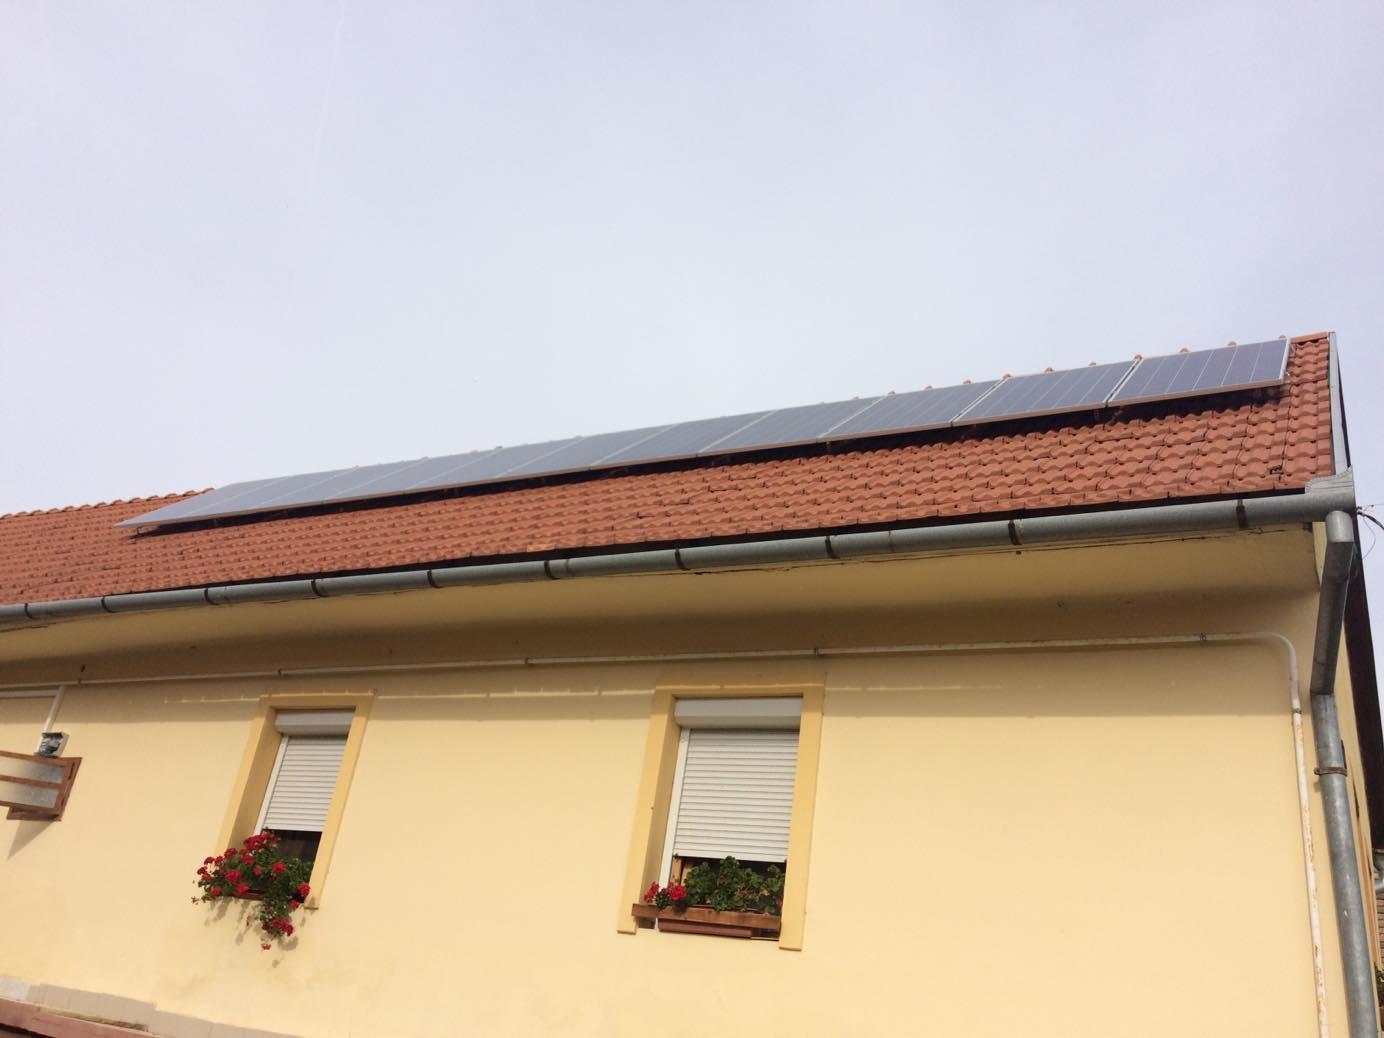 Feked 3,025 KWP teljesítményű napelemes rendszer